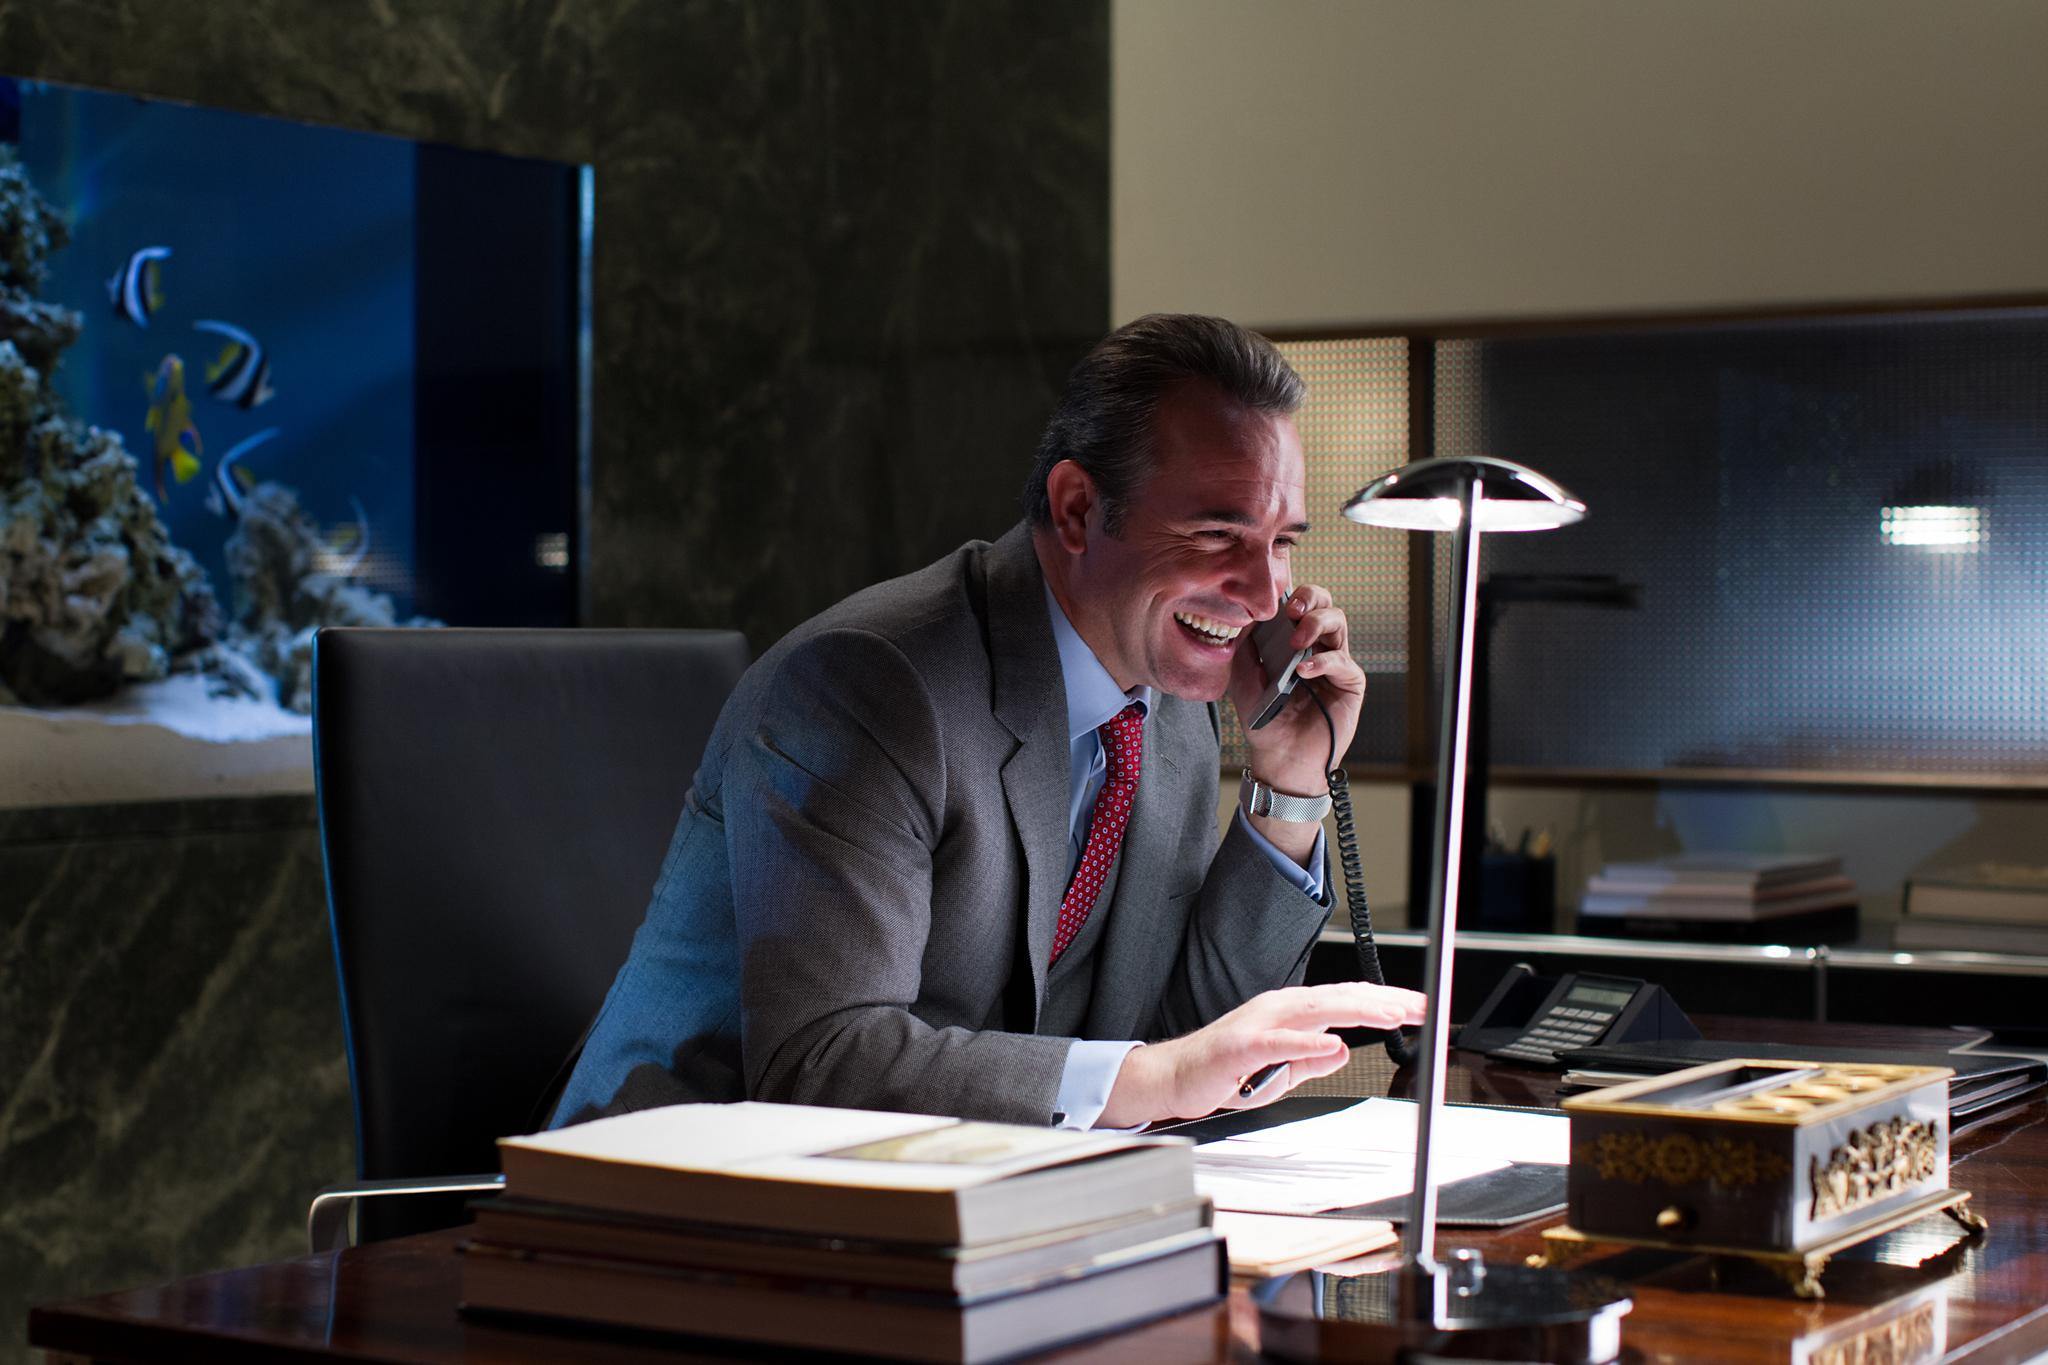 Jean Dujardin in The Wolf of Wall Street (2013)